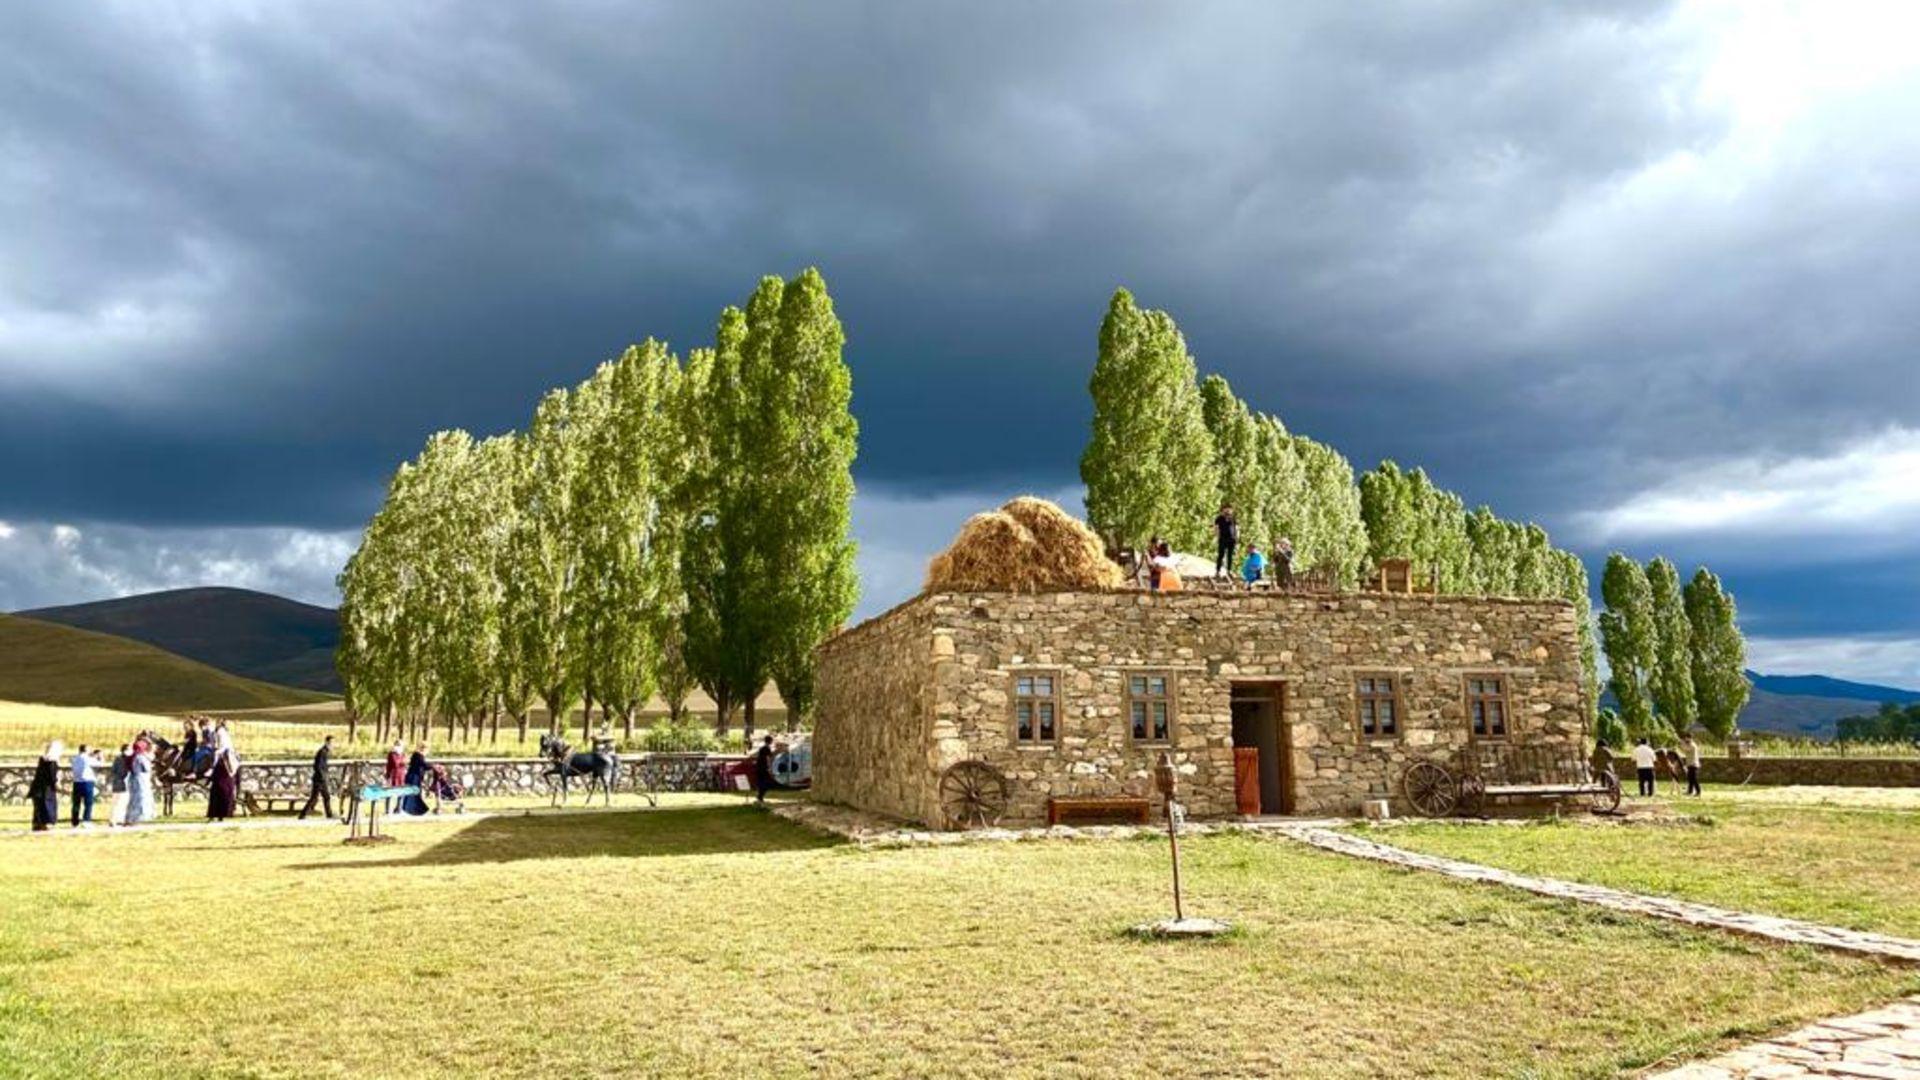 Bayburt'ta Kenan Yavuz Etnografya Müzesi'ne verilen Avrupa Yılın Müzesi Silletto Ödülü'nün sevinci yaşanıyor